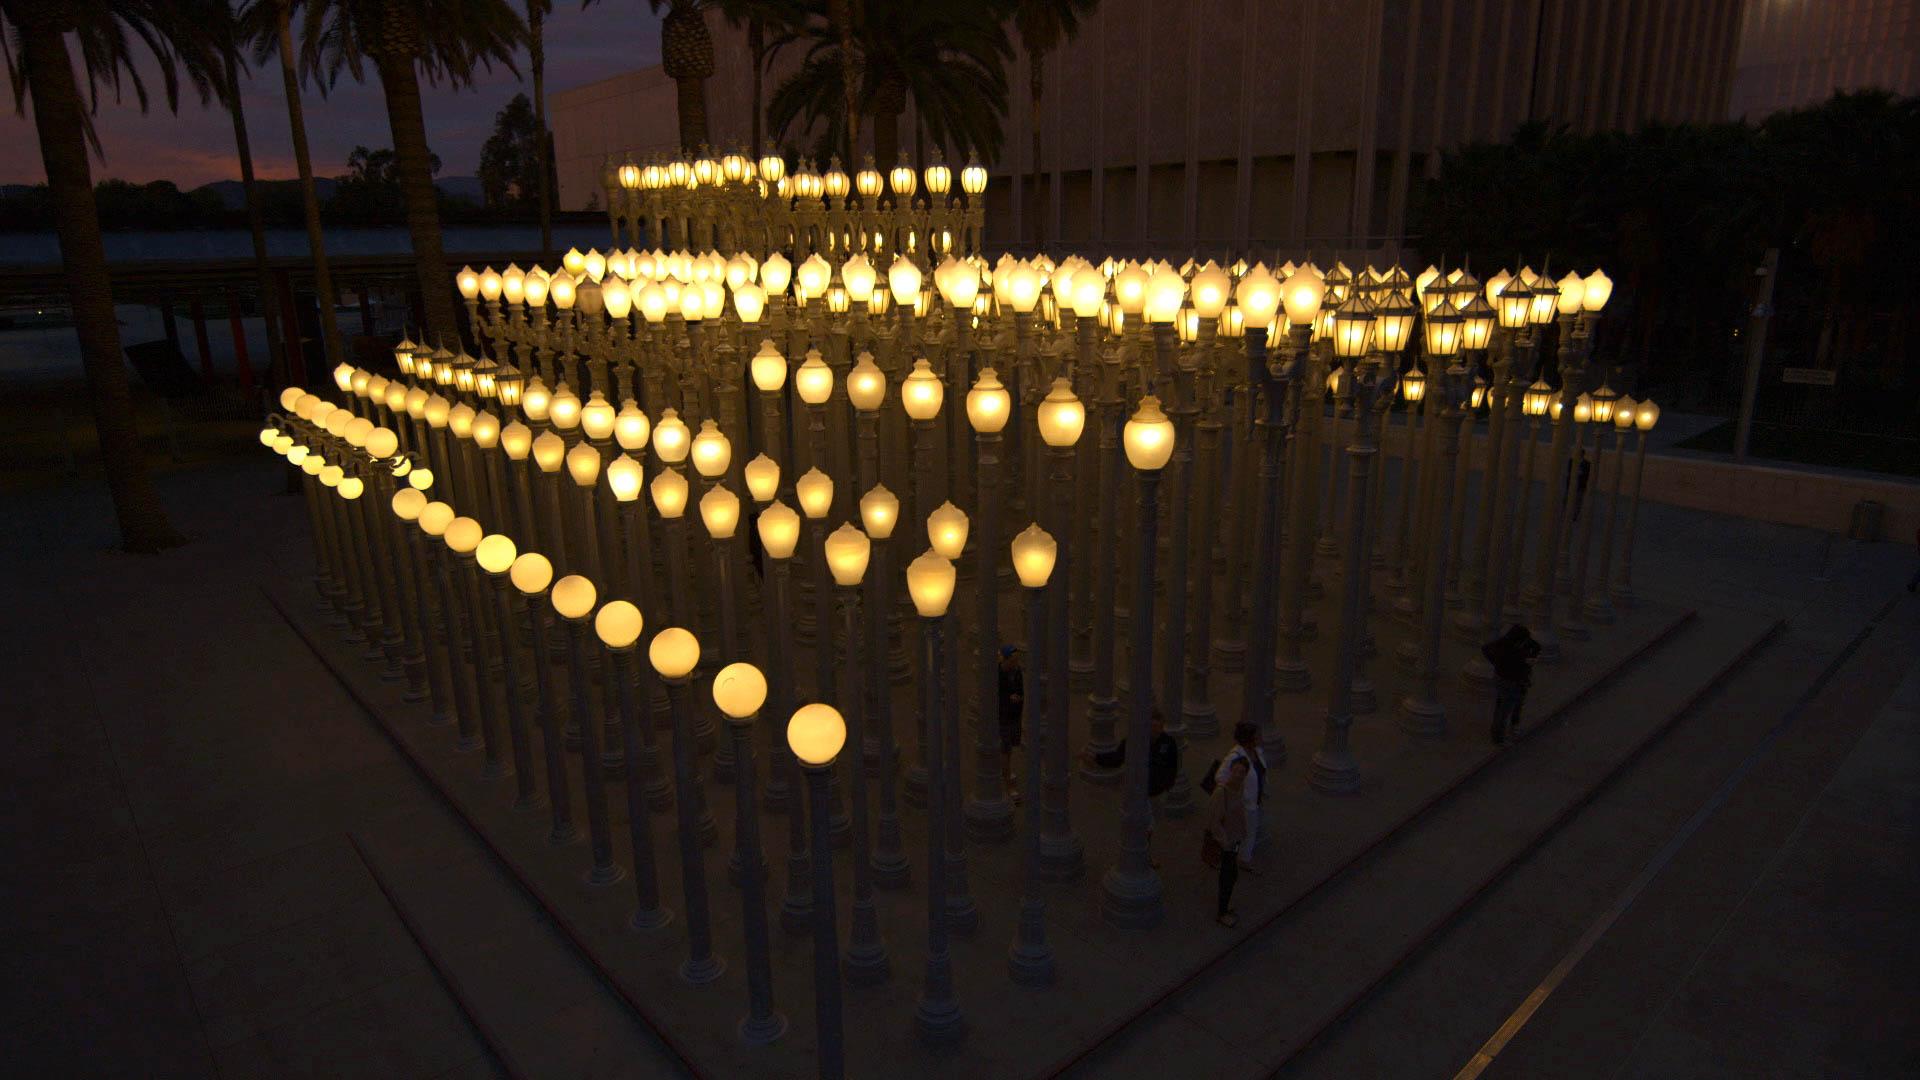 7. Burden_Film Still_Urban Light 1